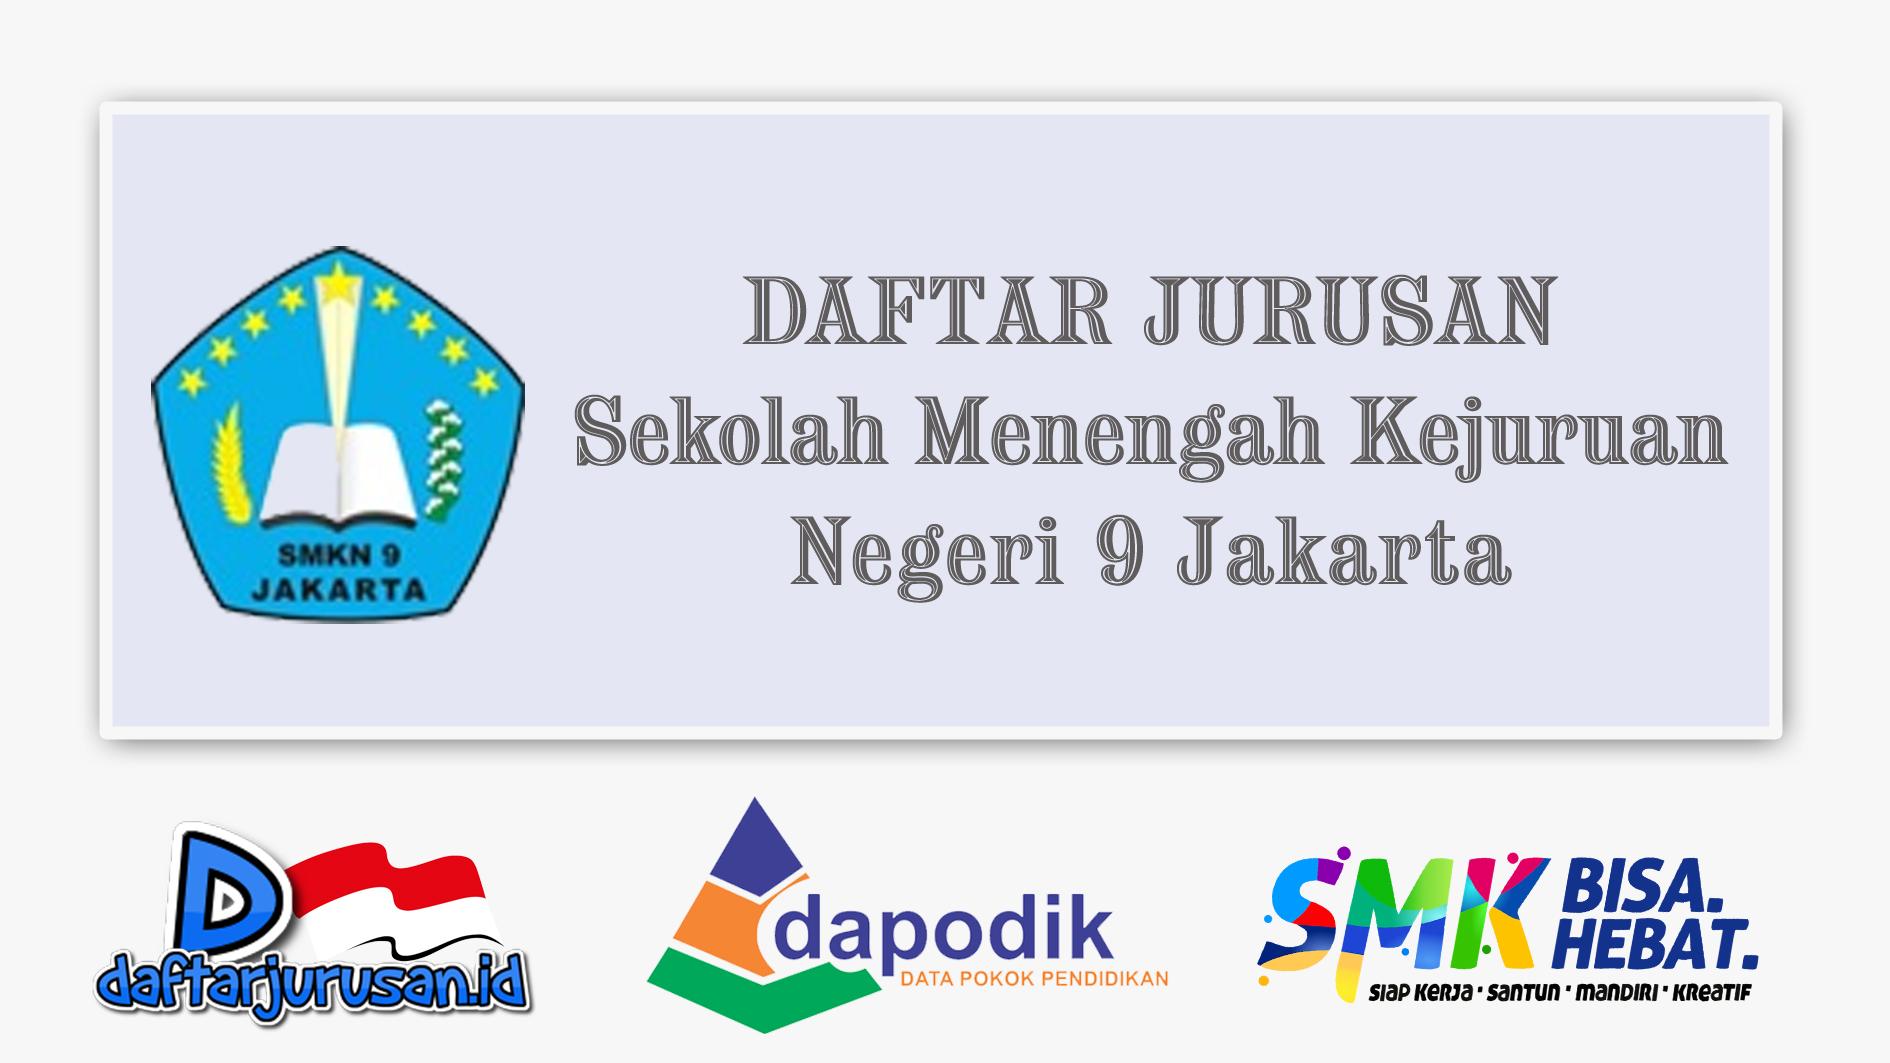 Daftar Jurusan SMK Negeri 9 Jakarta Barat